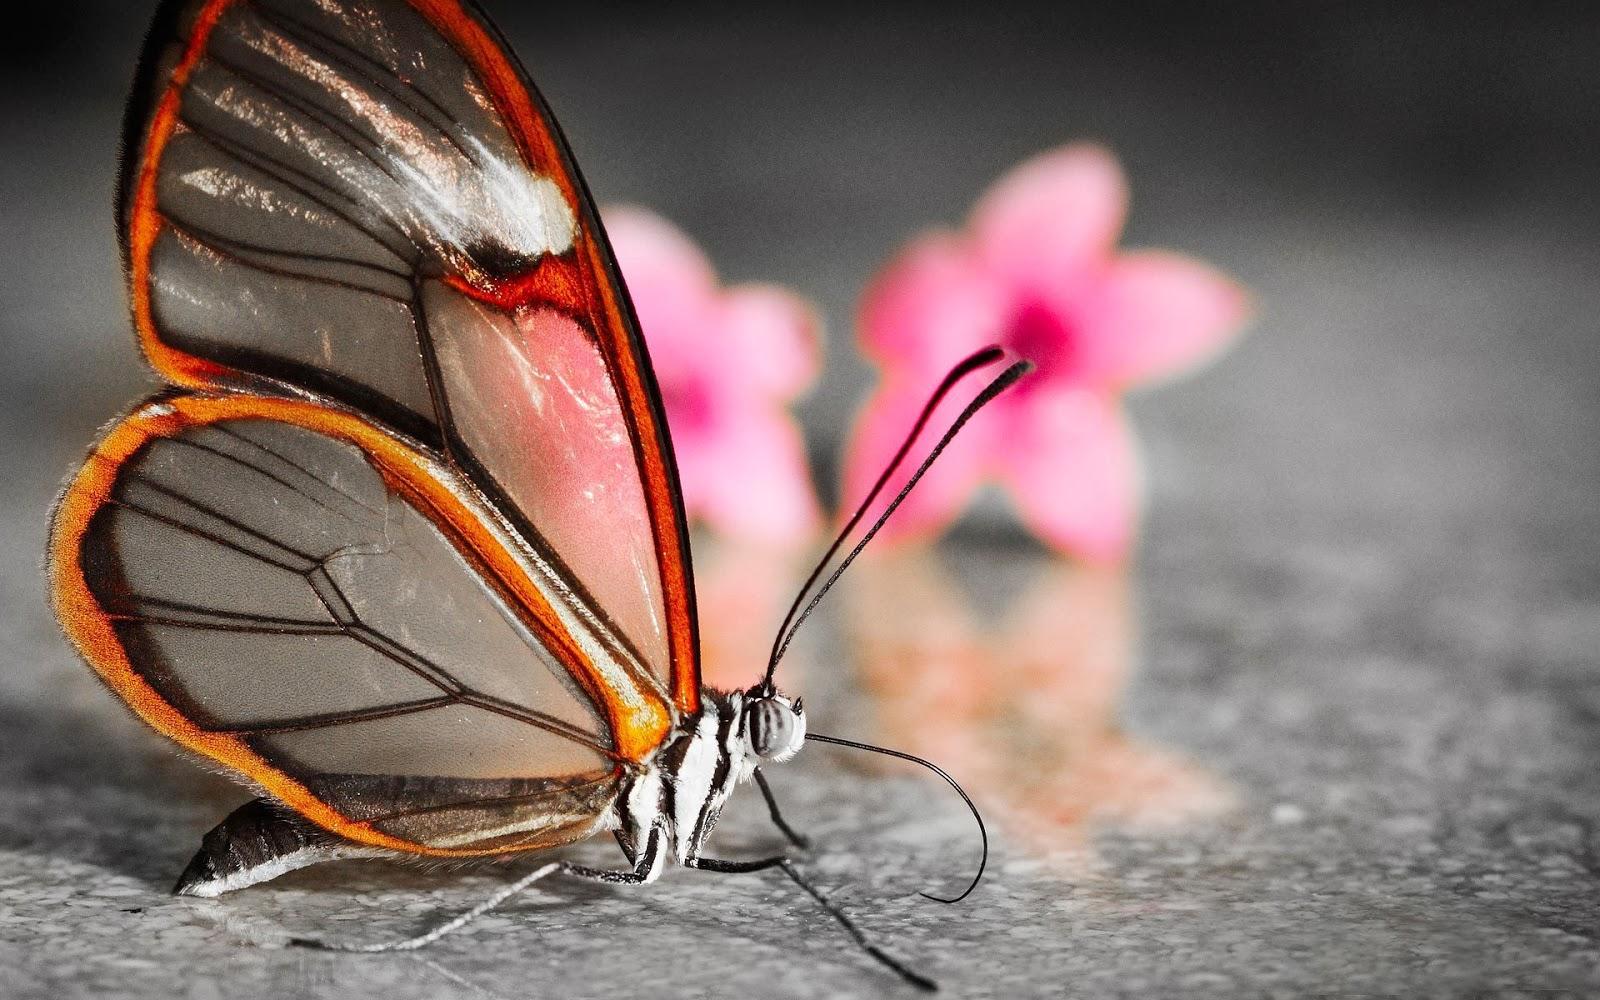 Wallpaper met vlinder met doorschijnende vleugels.